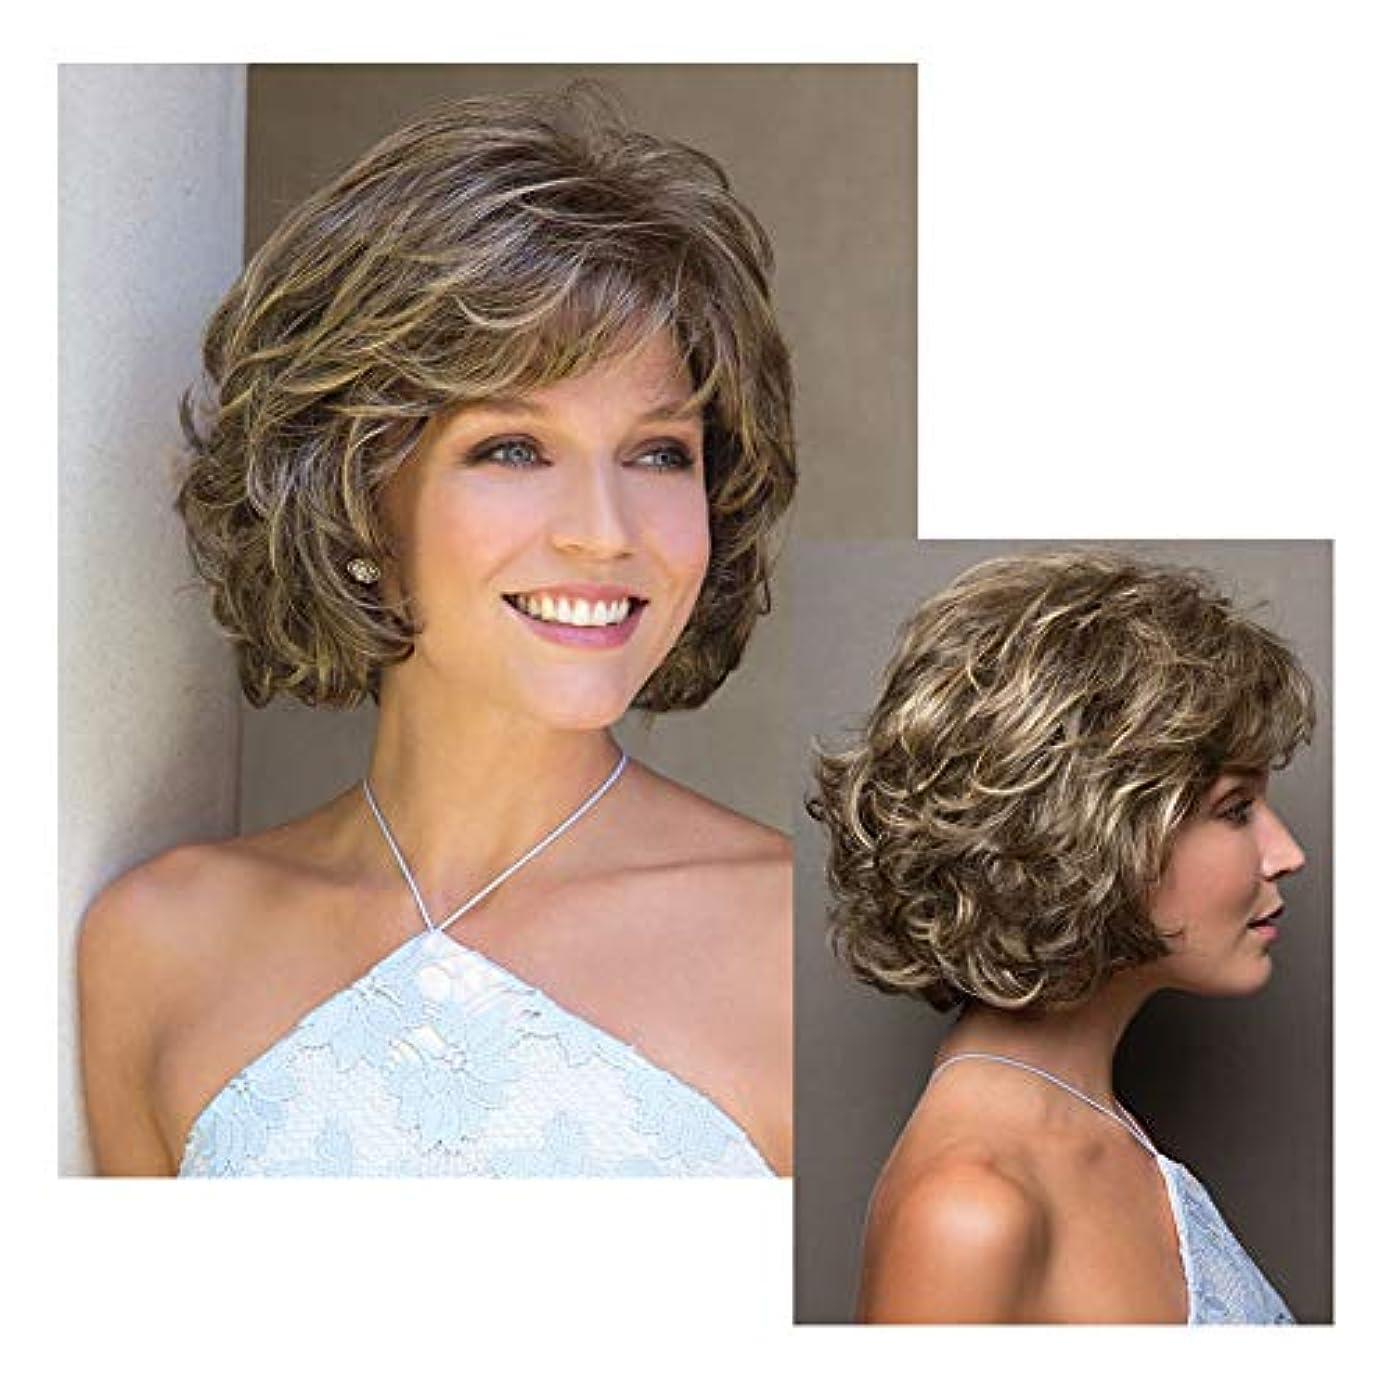 無知熱狂的な動女性用フルウィッグ、10 ``自然な茶色がかった黄色の短い巻き毛の毎日のドレスコスプレパーティーヘアピース